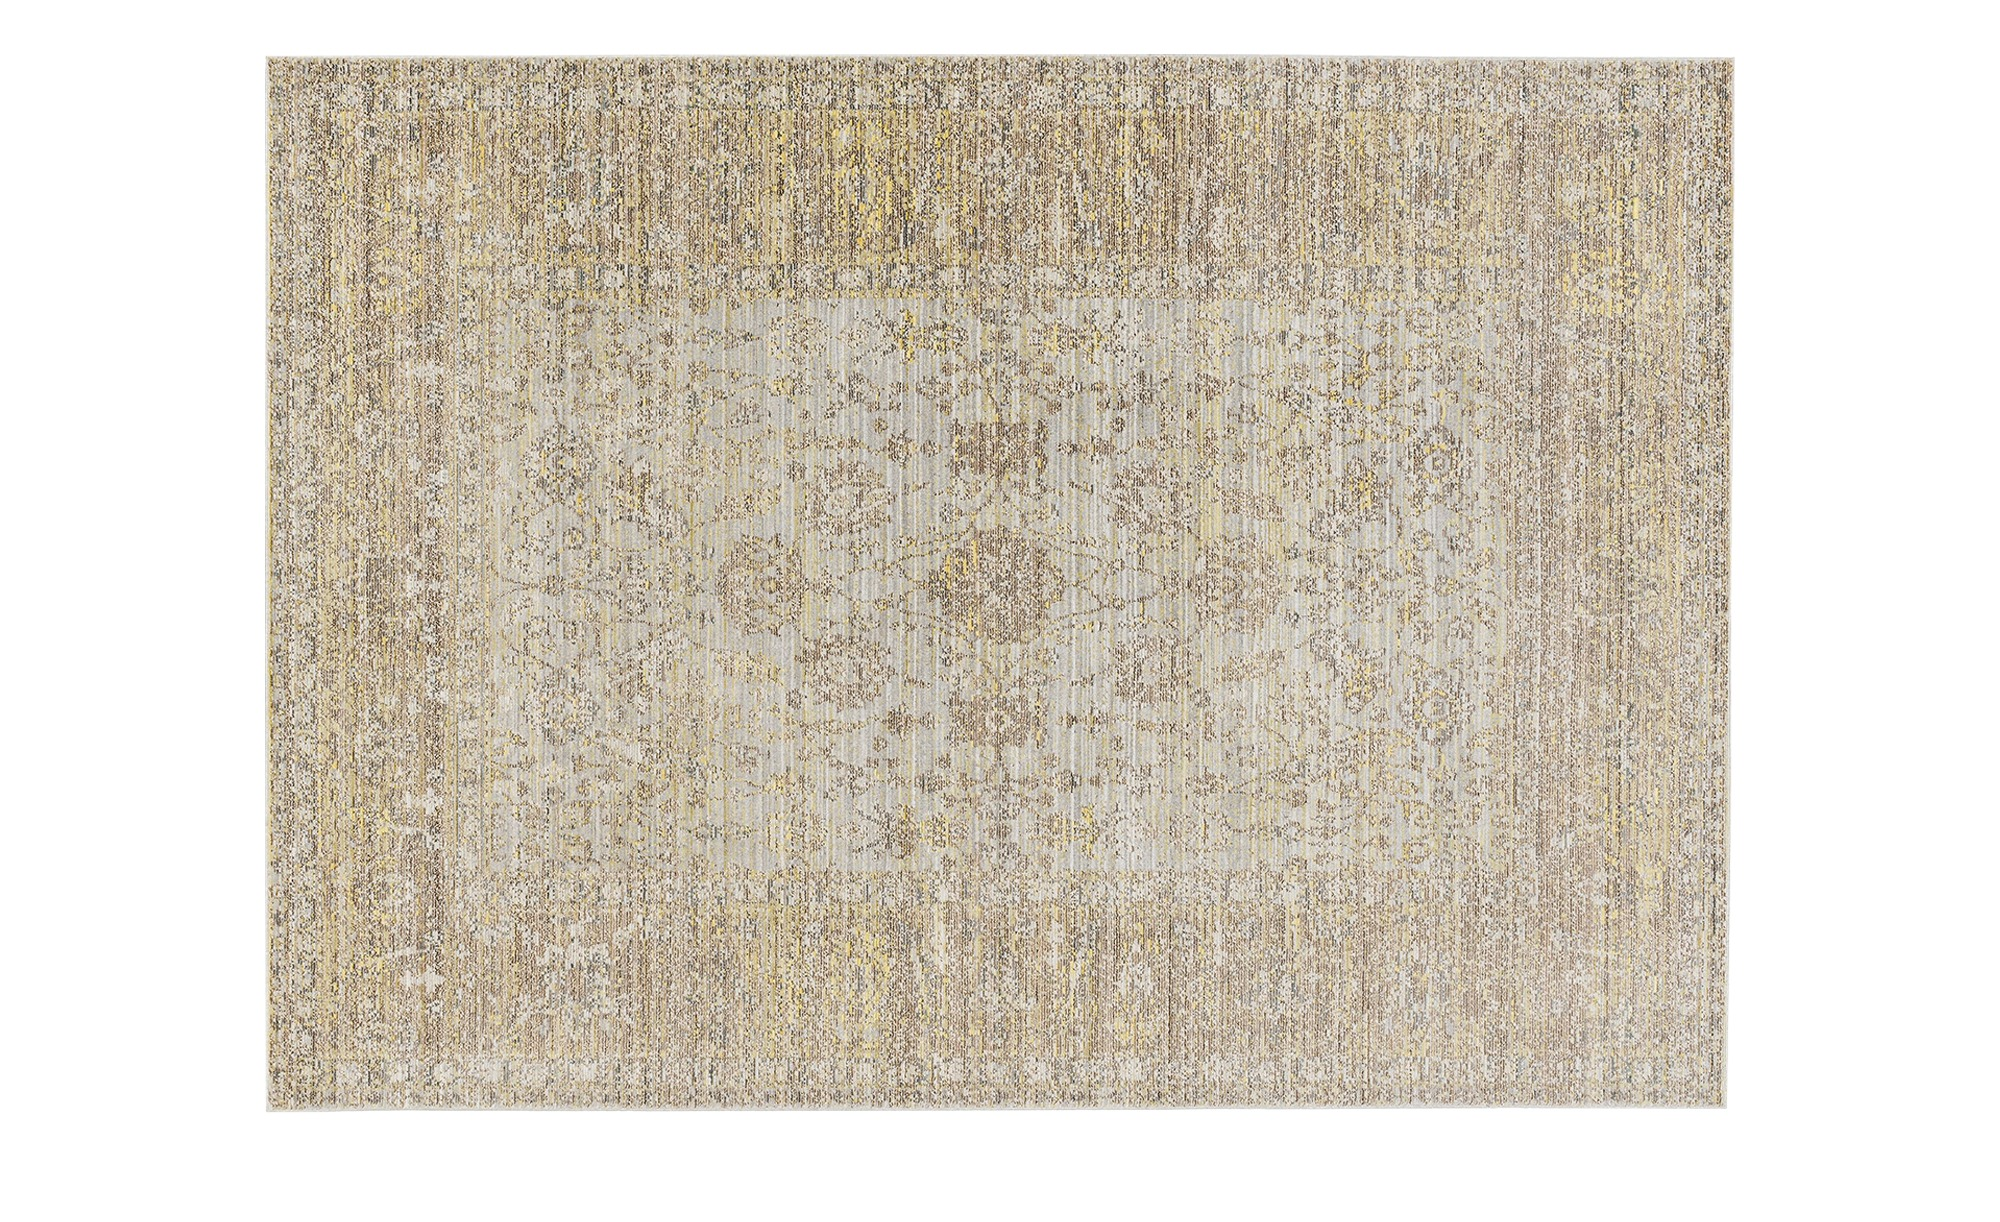 SCHÖNER WOHNEN Kurzflorteppich - beige - 100% Polyester, Synthethische Fasern - 170 cm - Teppiche > Wohnteppiche - Möbel Kraft | Heimtextilien > Teppiche > Sonstige-Teppiche | SCHÖNER WOHNEN